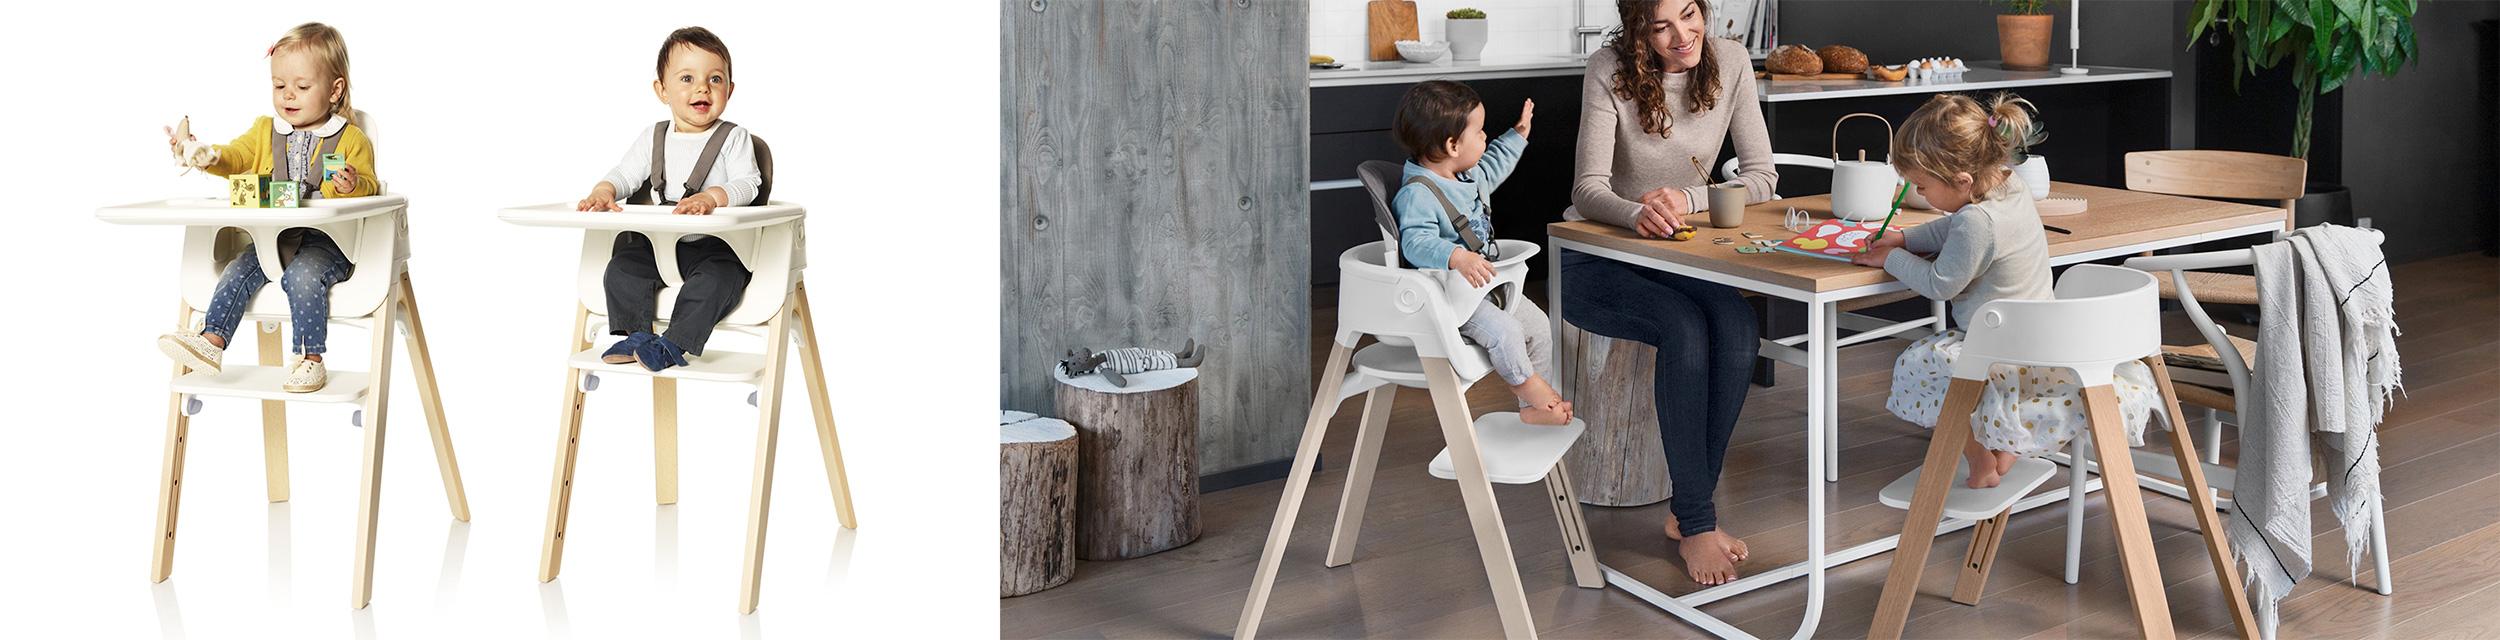 Luksusowe krzesełko do karmienia designerskie Stokke Steps 3kiwi Wroclaw